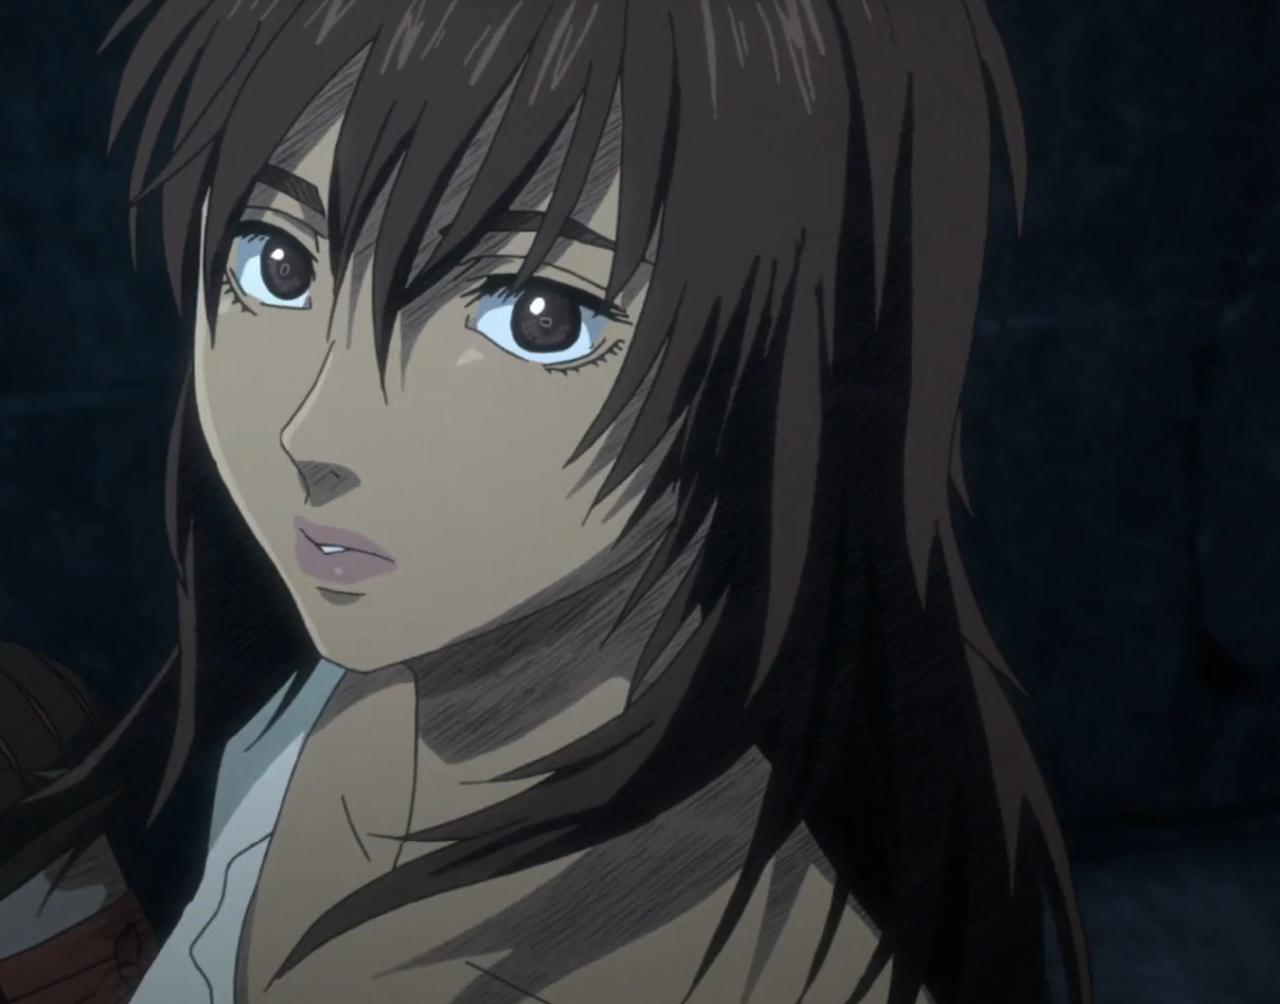 Pin by Valerie Mata on anime Berserk, Anime, Black anime